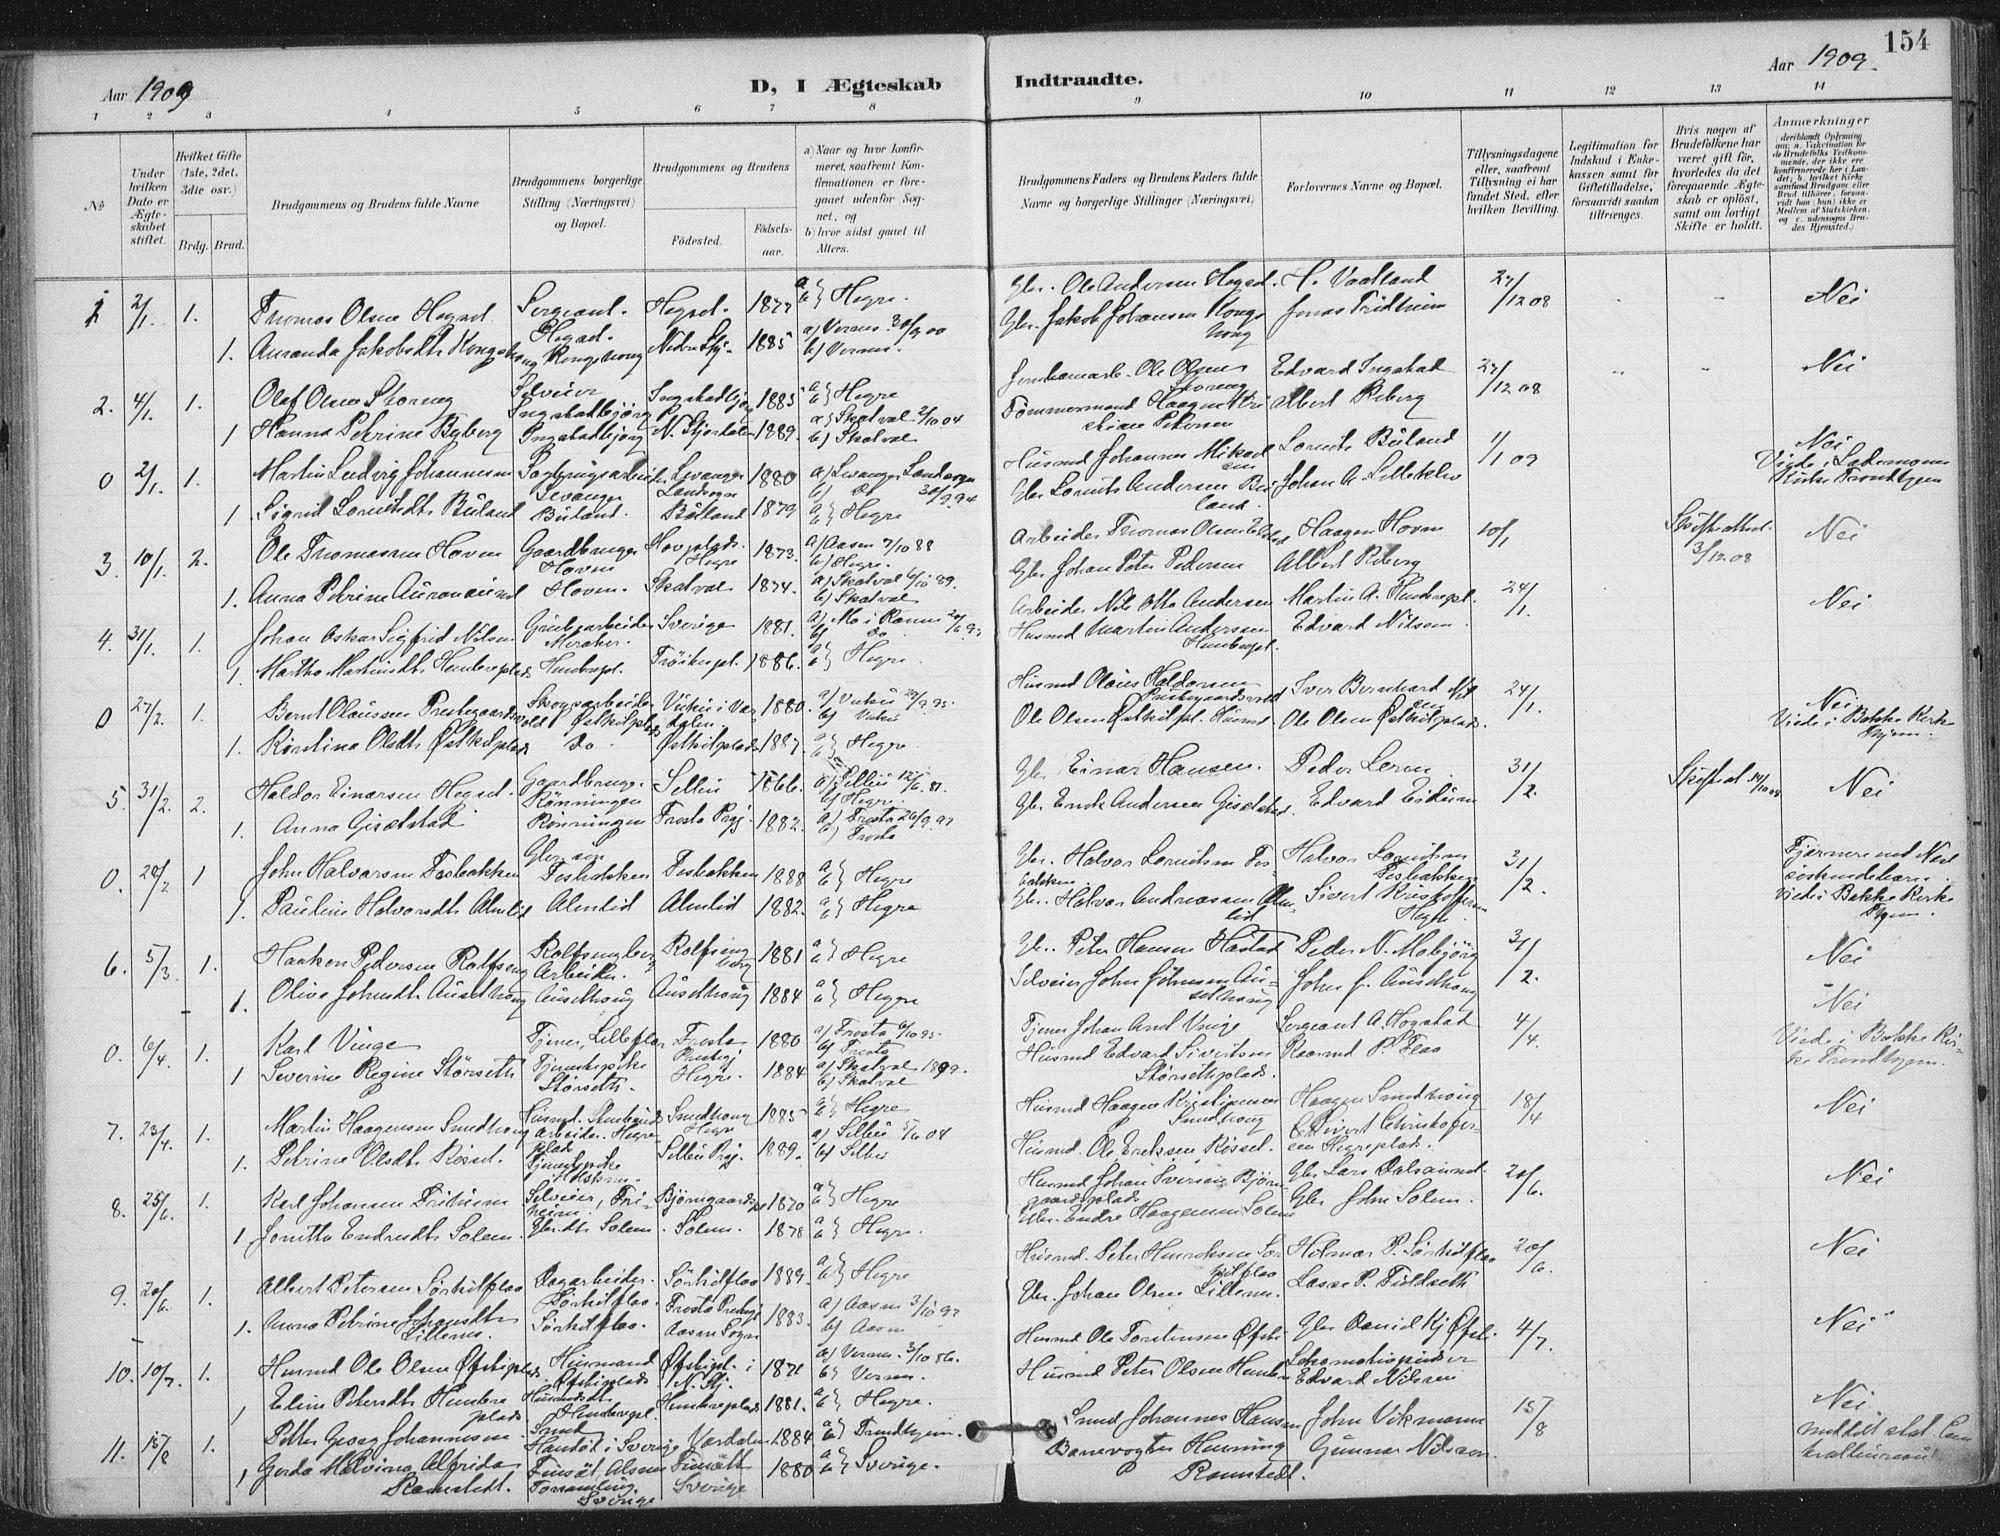 SAT, Ministerialprotokoller, klokkerbøker og fødselsregistre - Nord-Trøndelag, 703/L0031: Ministerialbok nr. 703A04, 1893-1914, s. 154